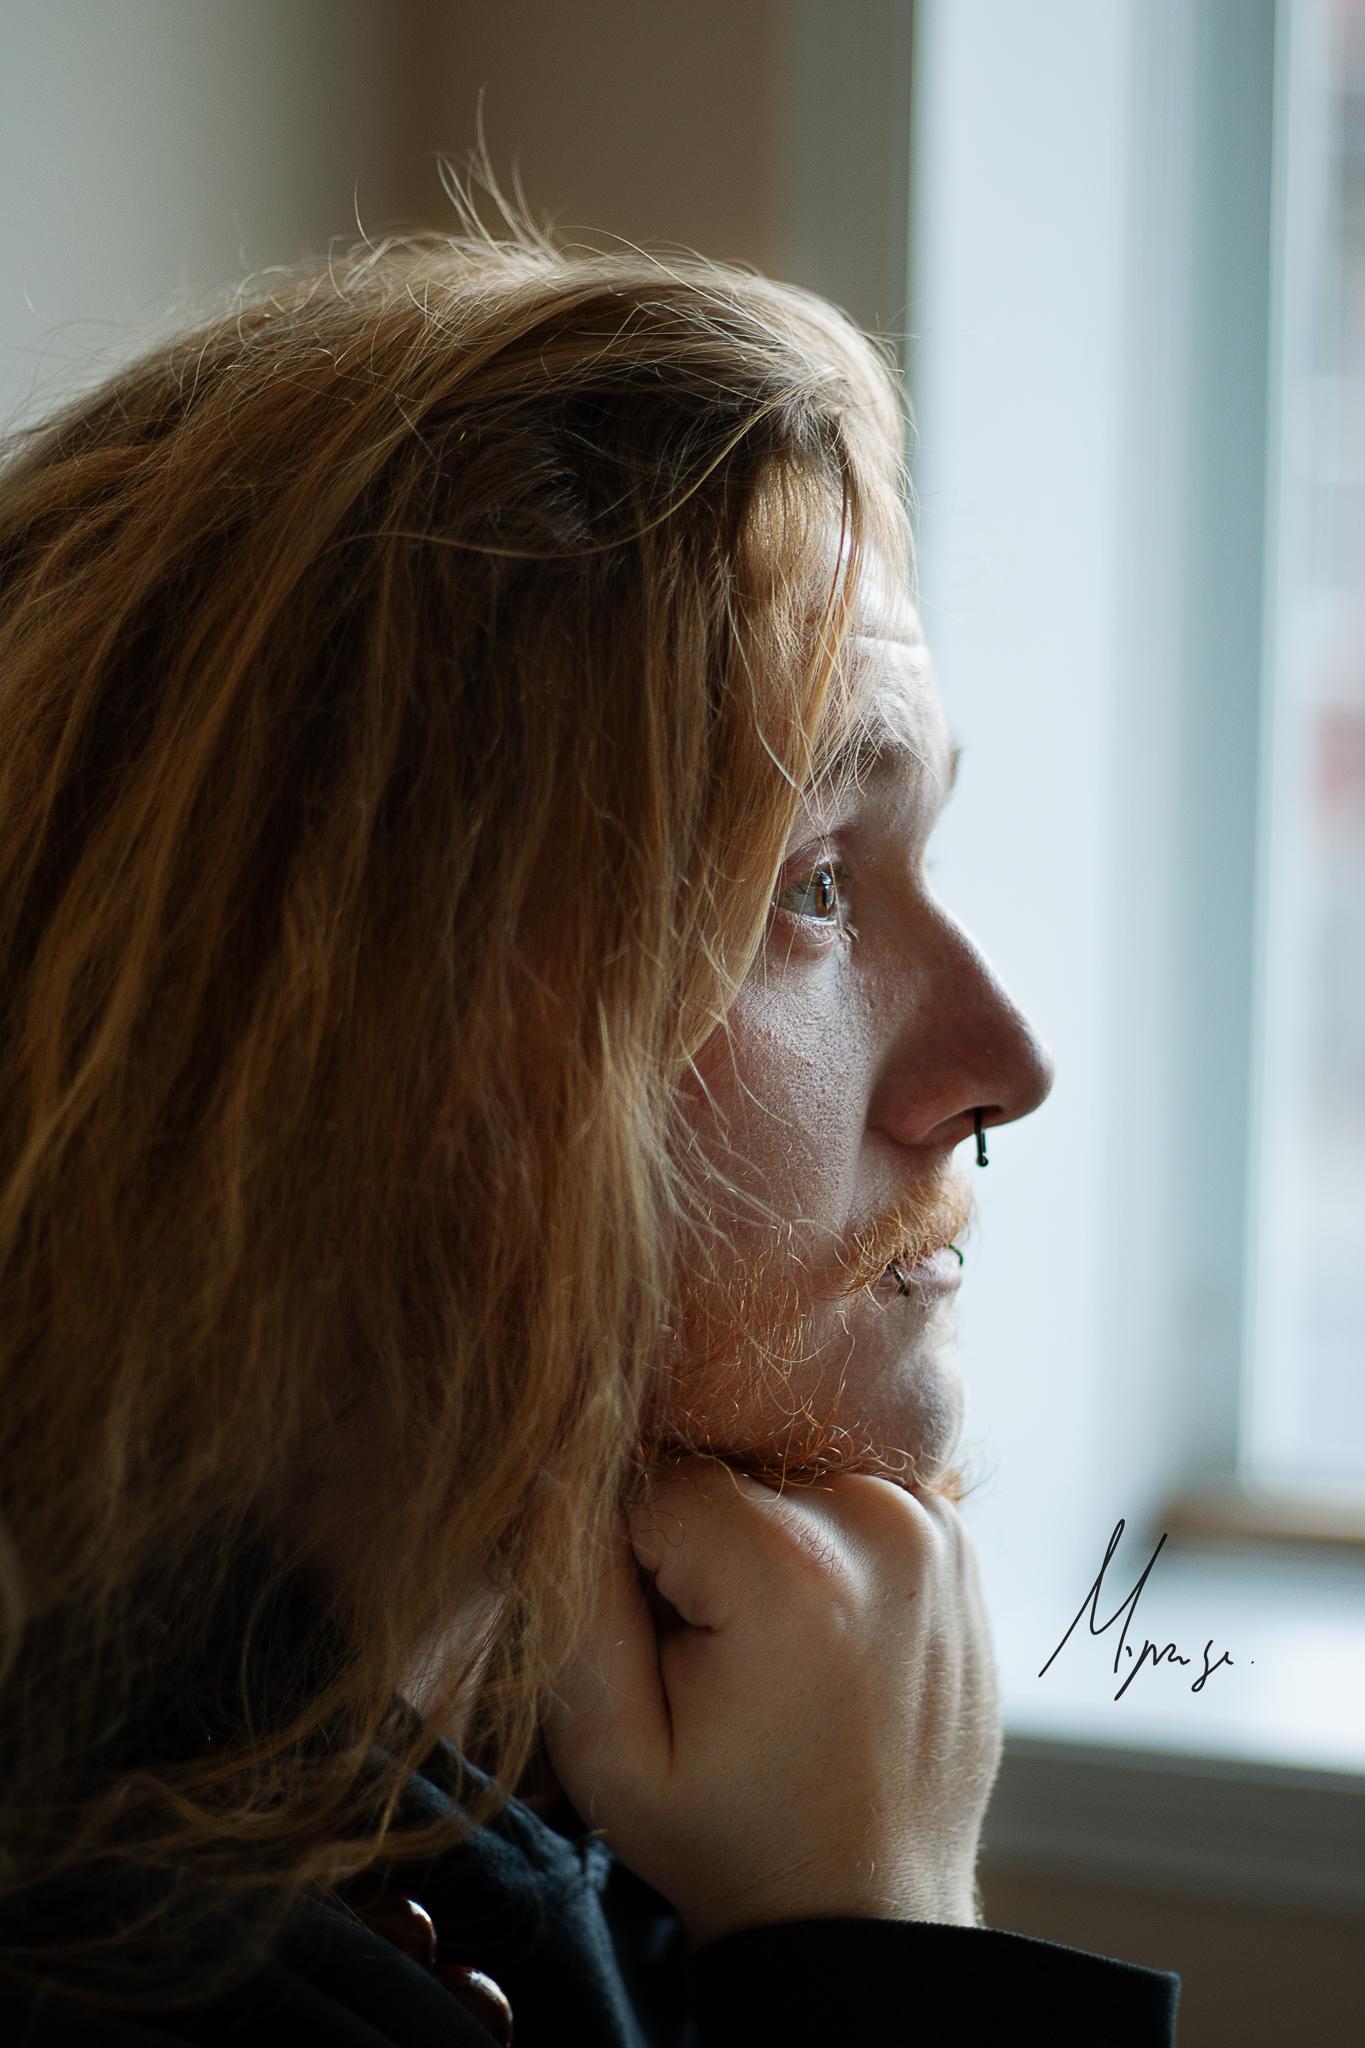 Jimmi Bergeron-Auger